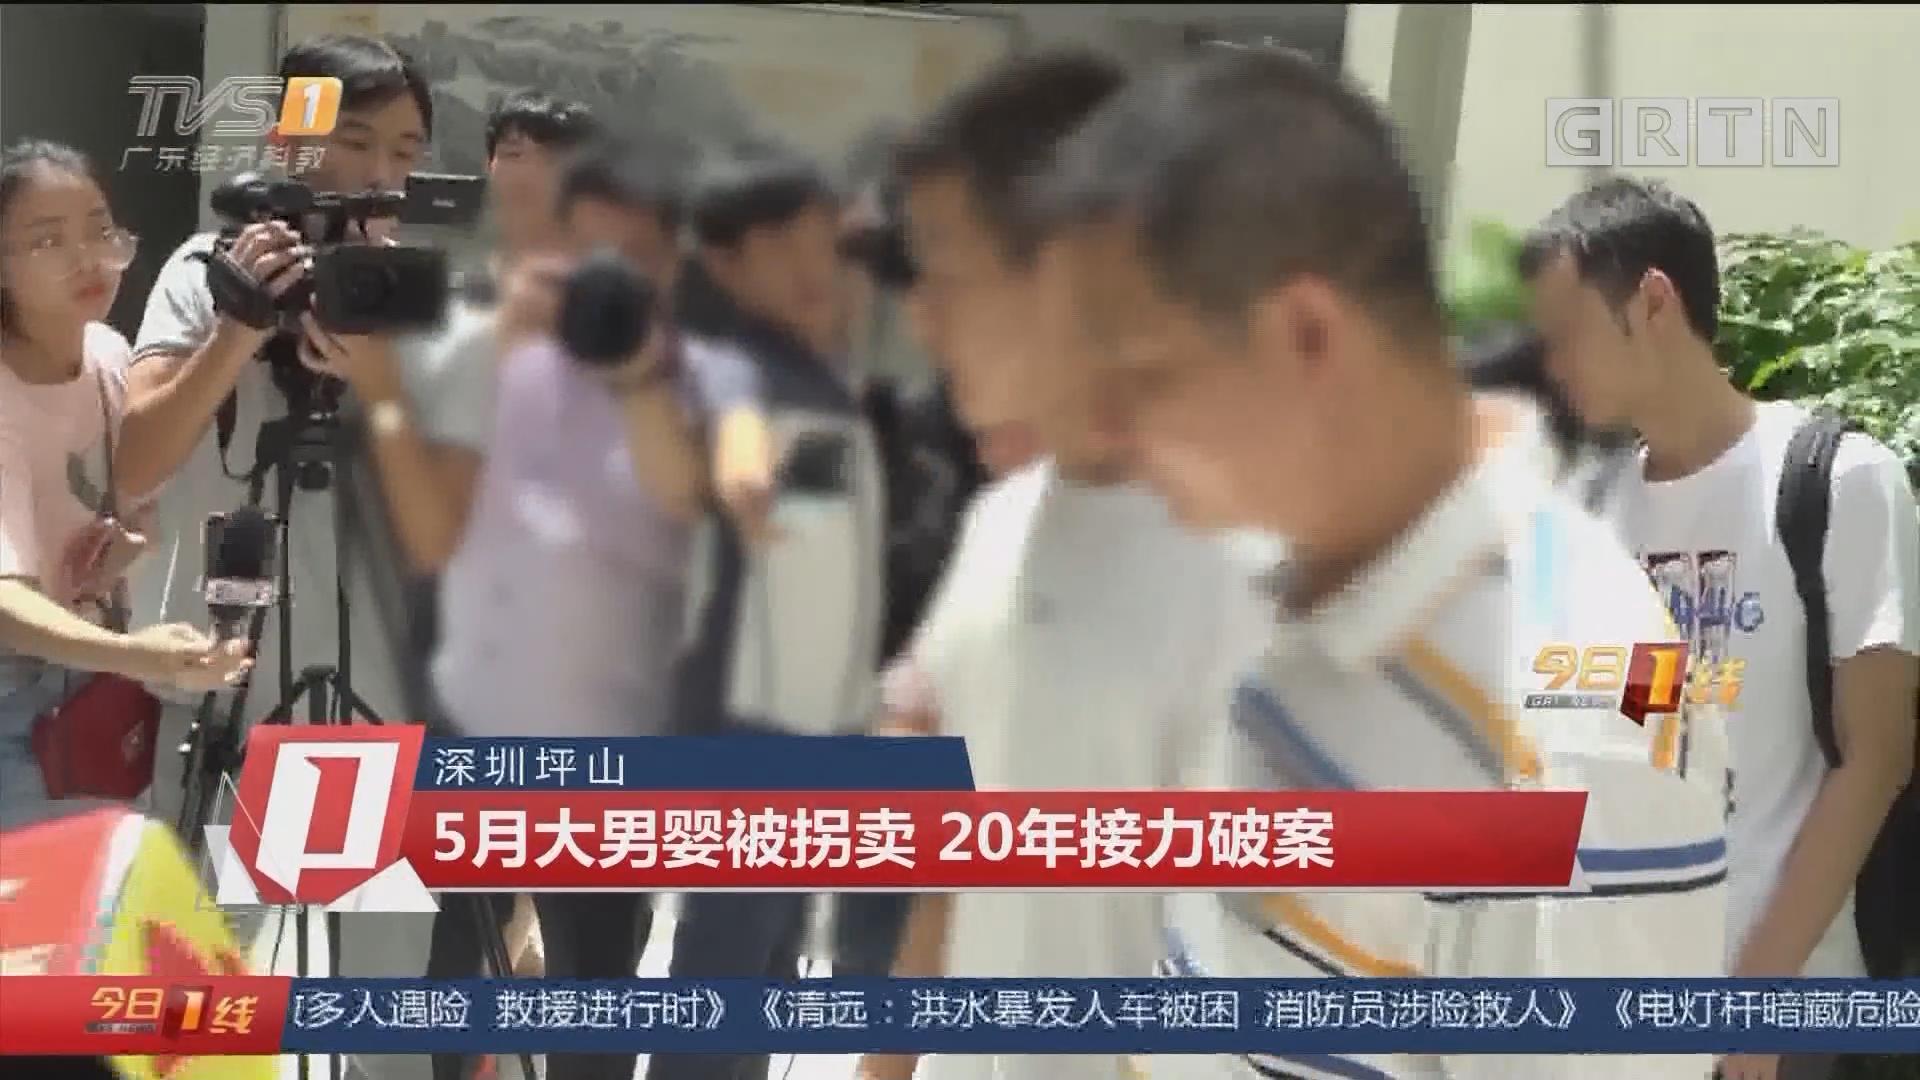 深圳坪山:5月大男婴被拐卖 20年接力破案